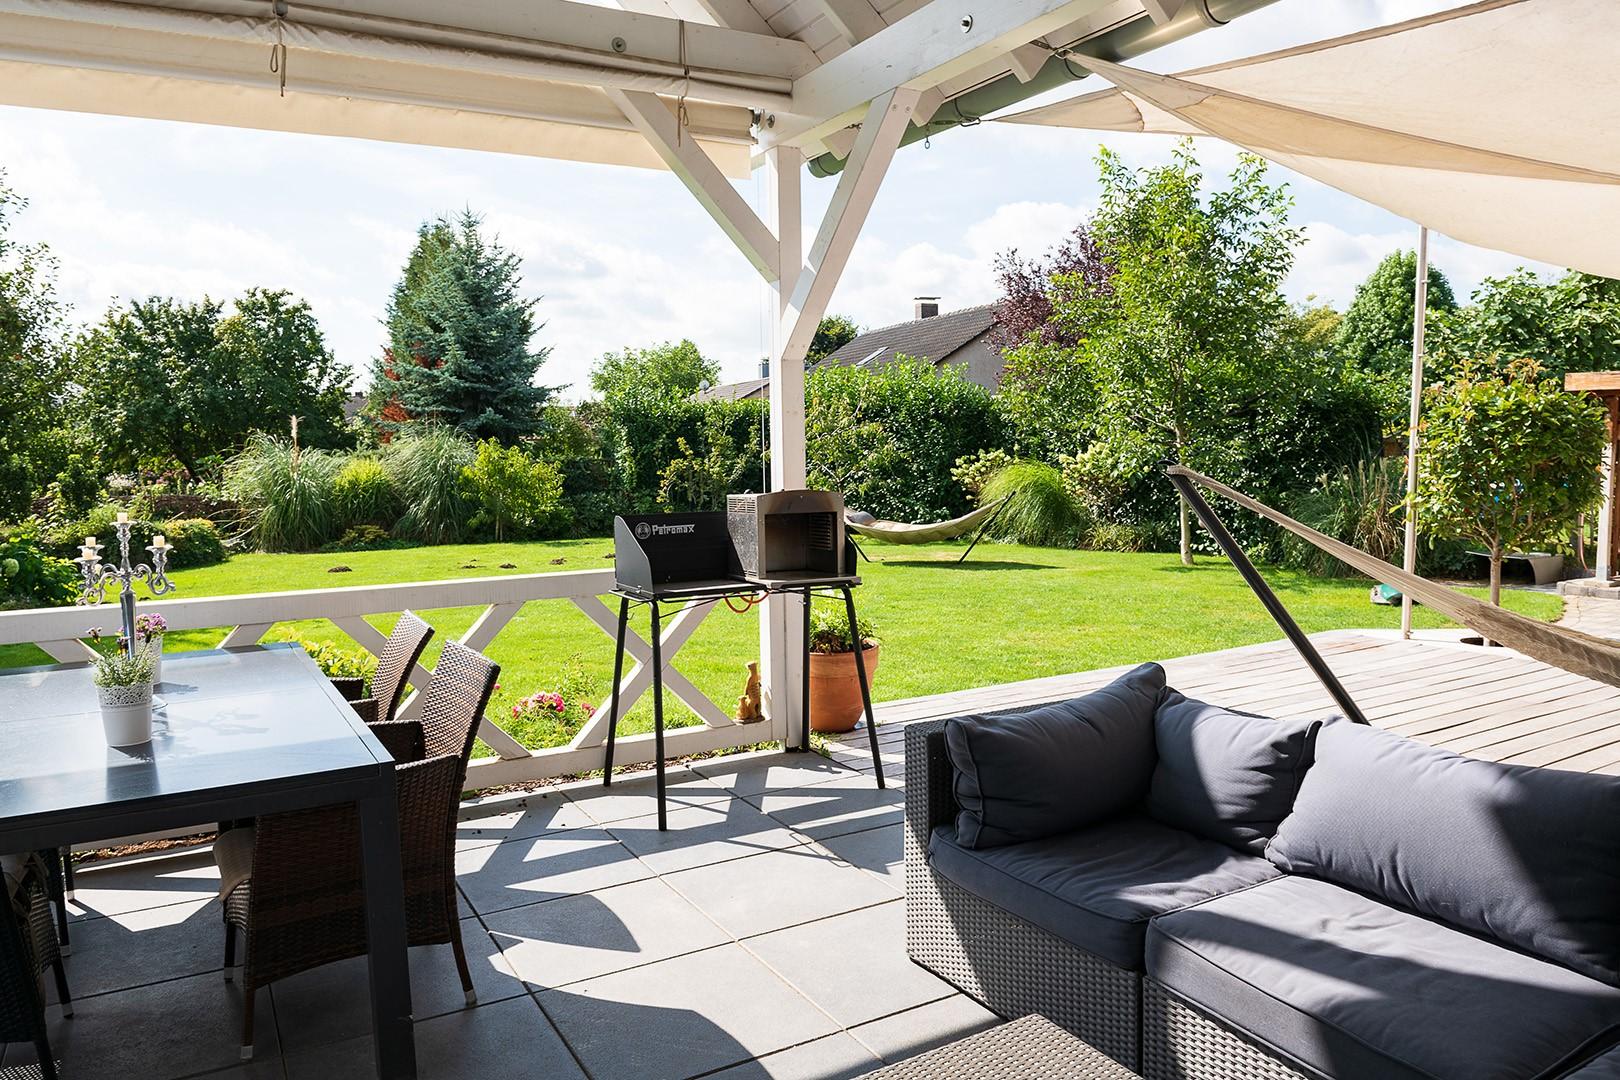 Immobilie Nr.312 - Einfamilienhaus mit Garten & Terrasse & Garage & Carport - Bild 2.jpg